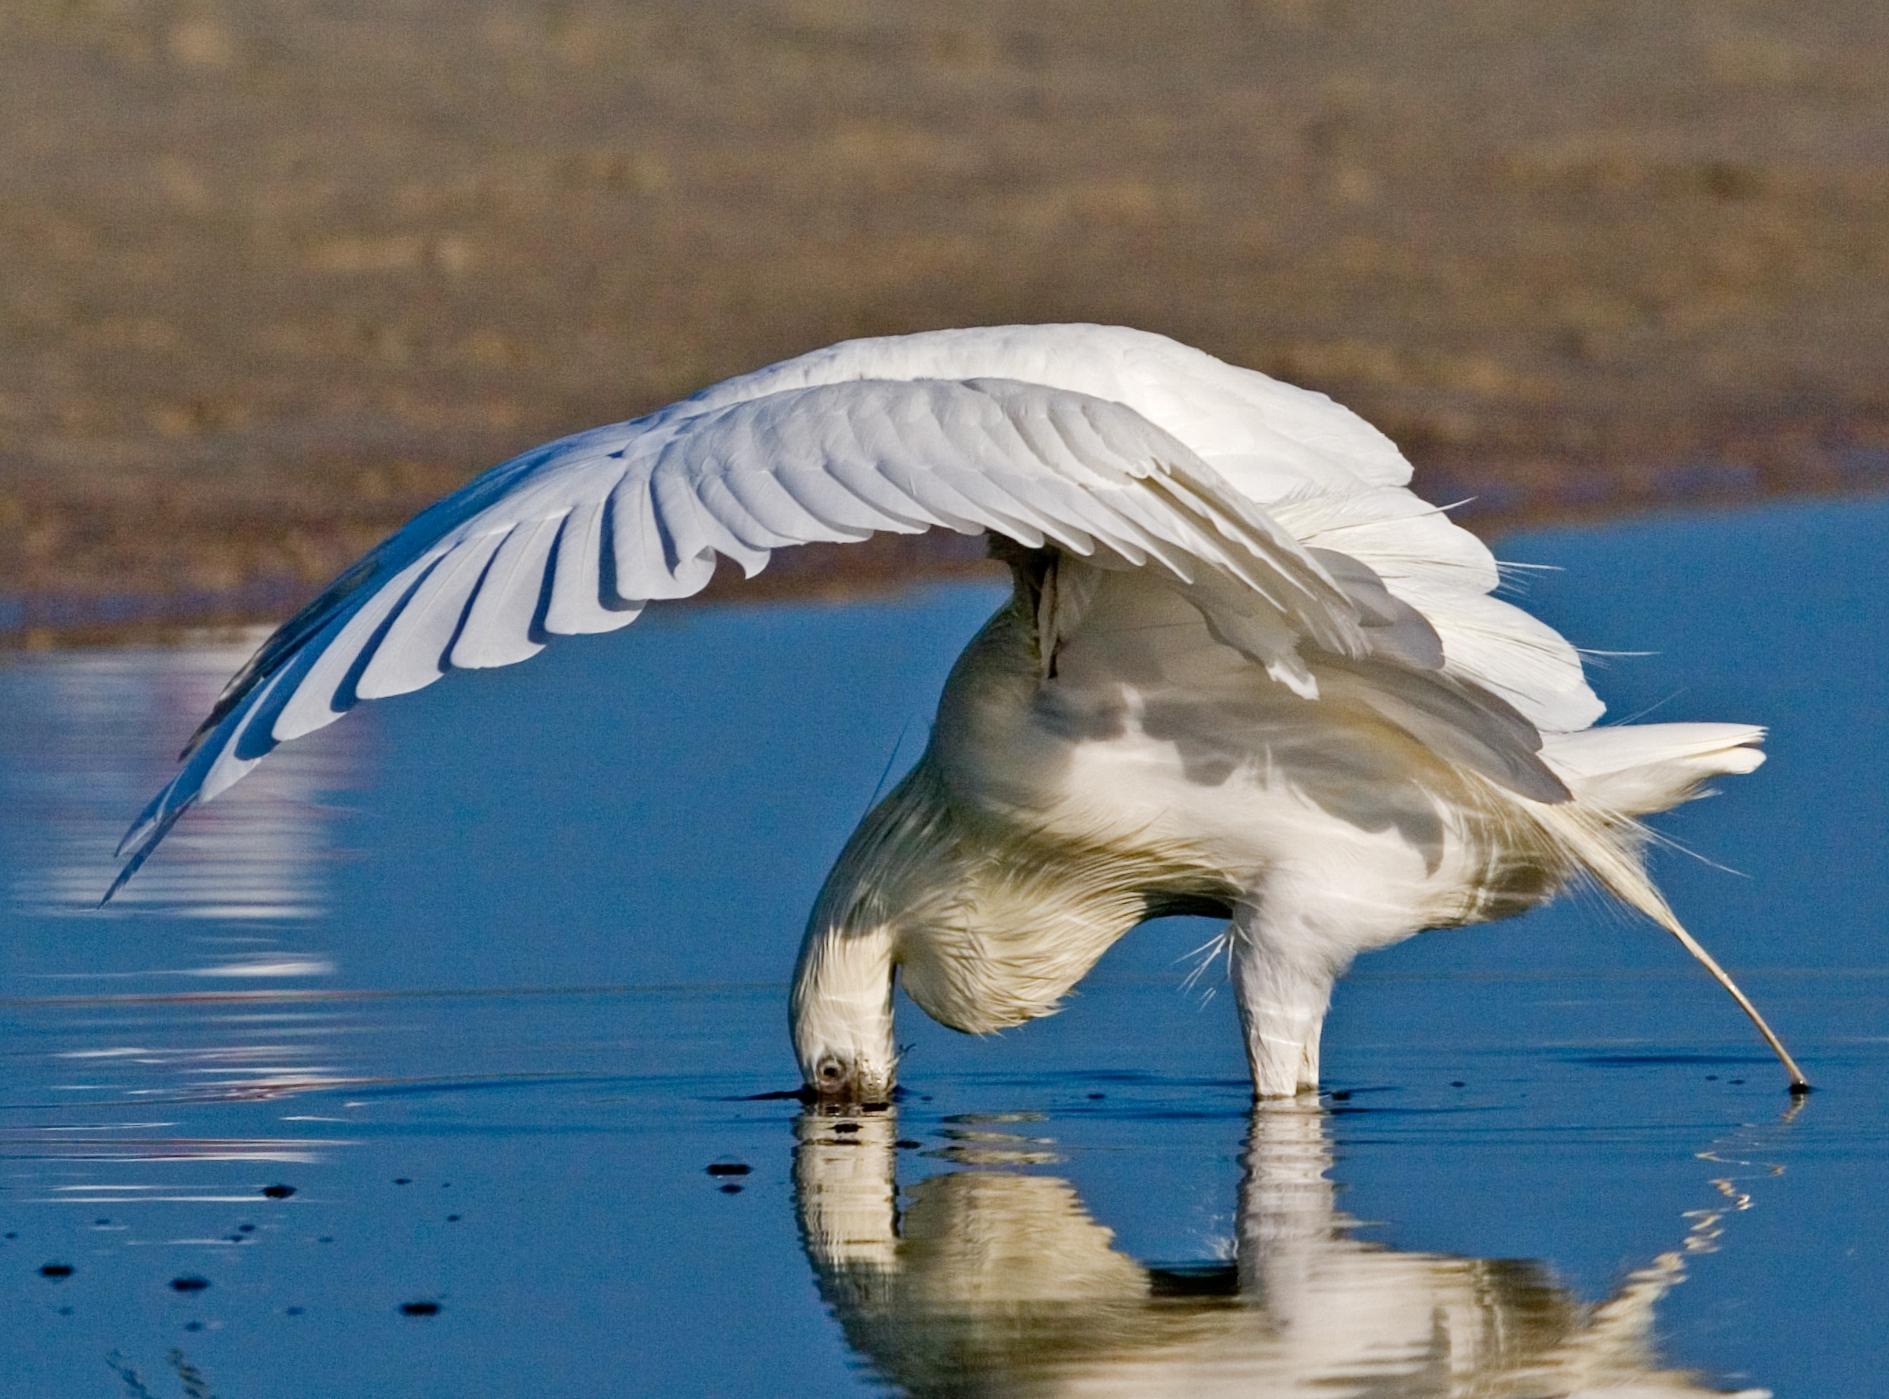 The Canopy Strike (Reddish Egret White Morph)